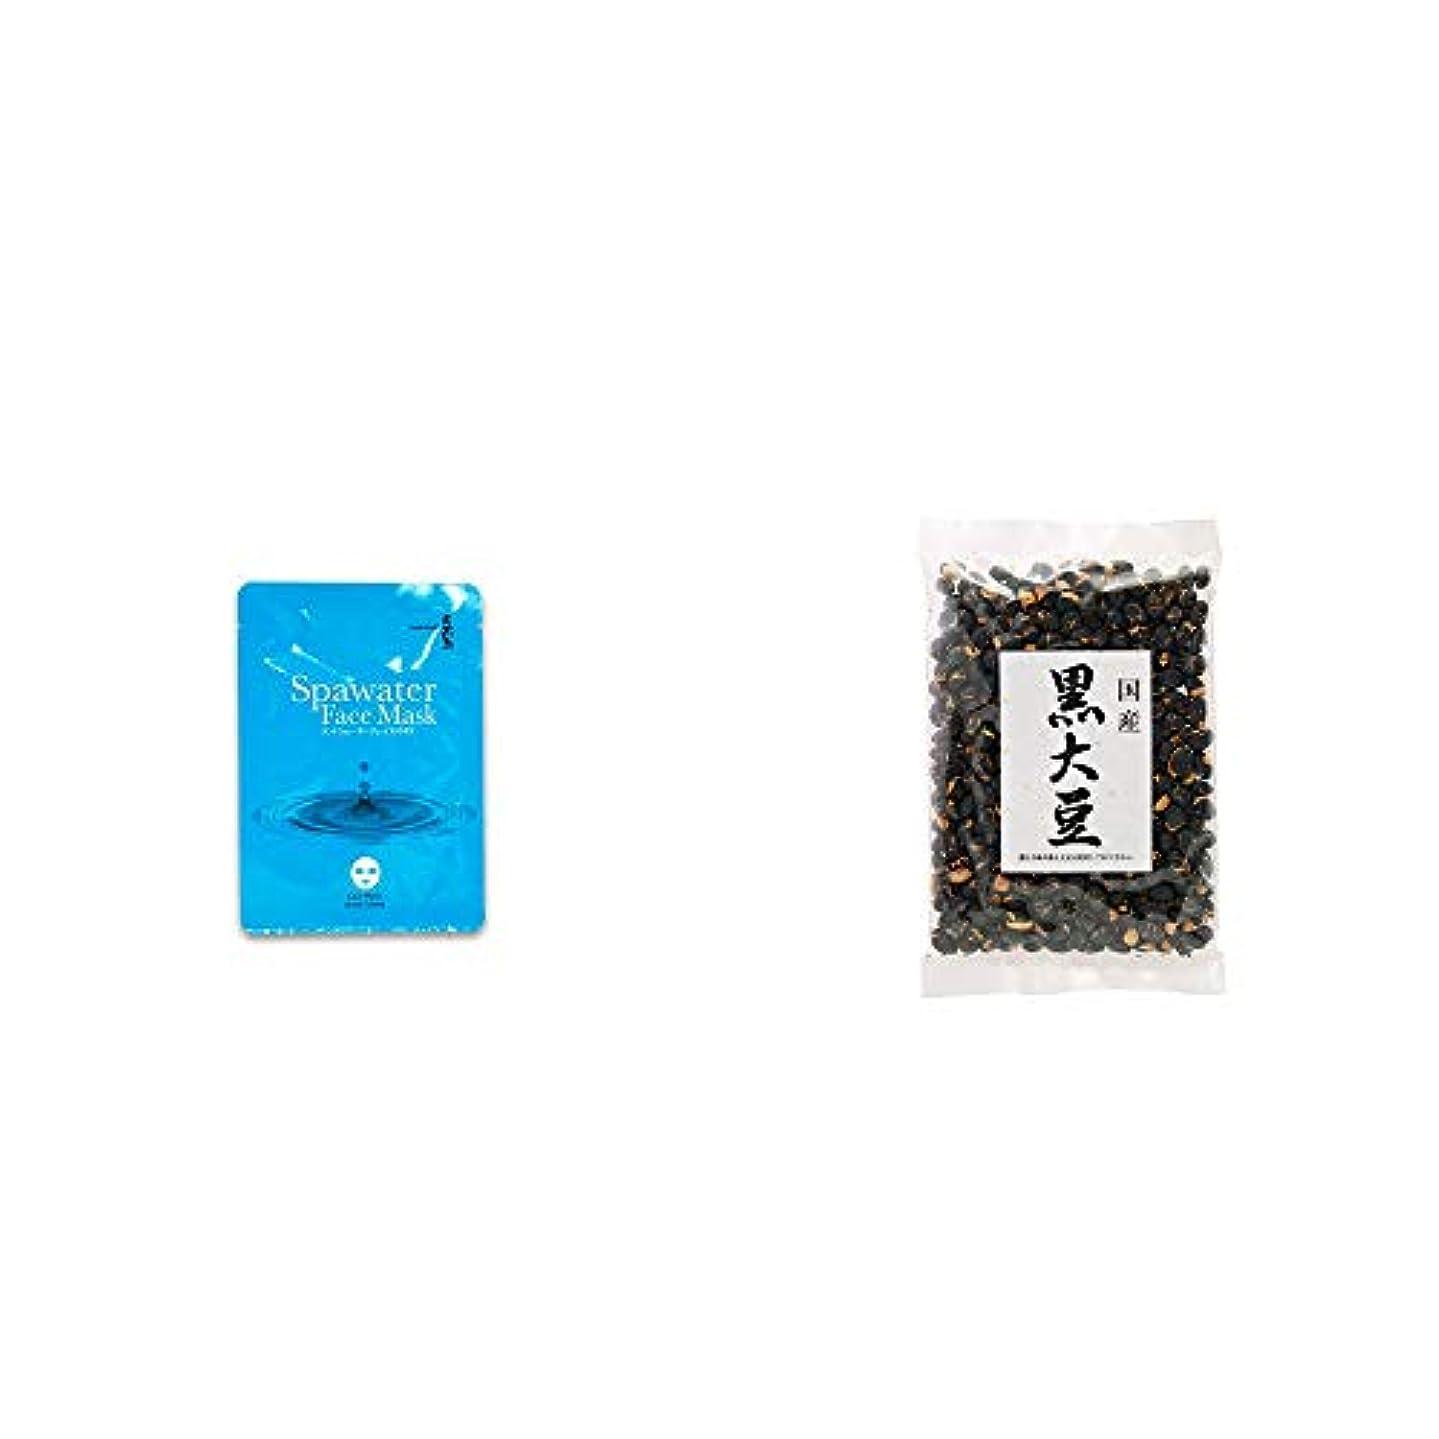 ストレージ尊敬する赤ちゃん[2点セット] ひのき炭黒泉 スパウォーターフェイスマスク(18ml×3枚入)?国産 黒大豆(140g)